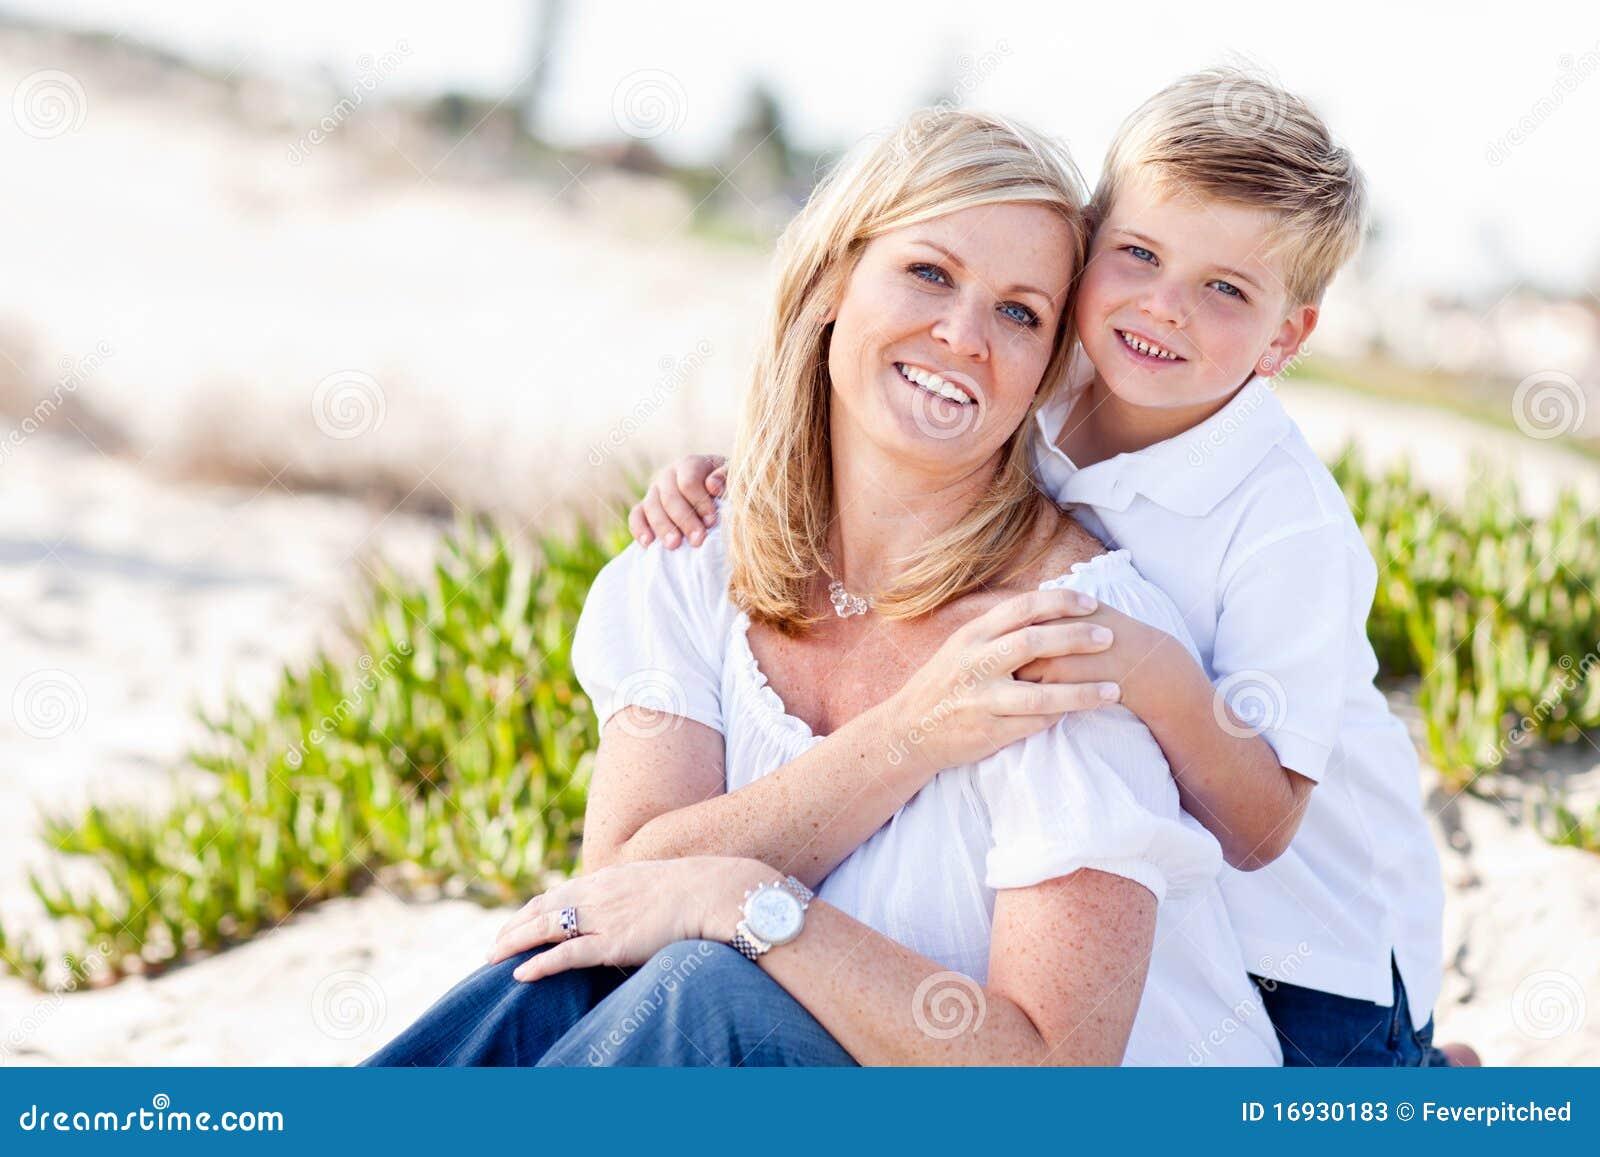 Смотреть сын и мам 17 фотография